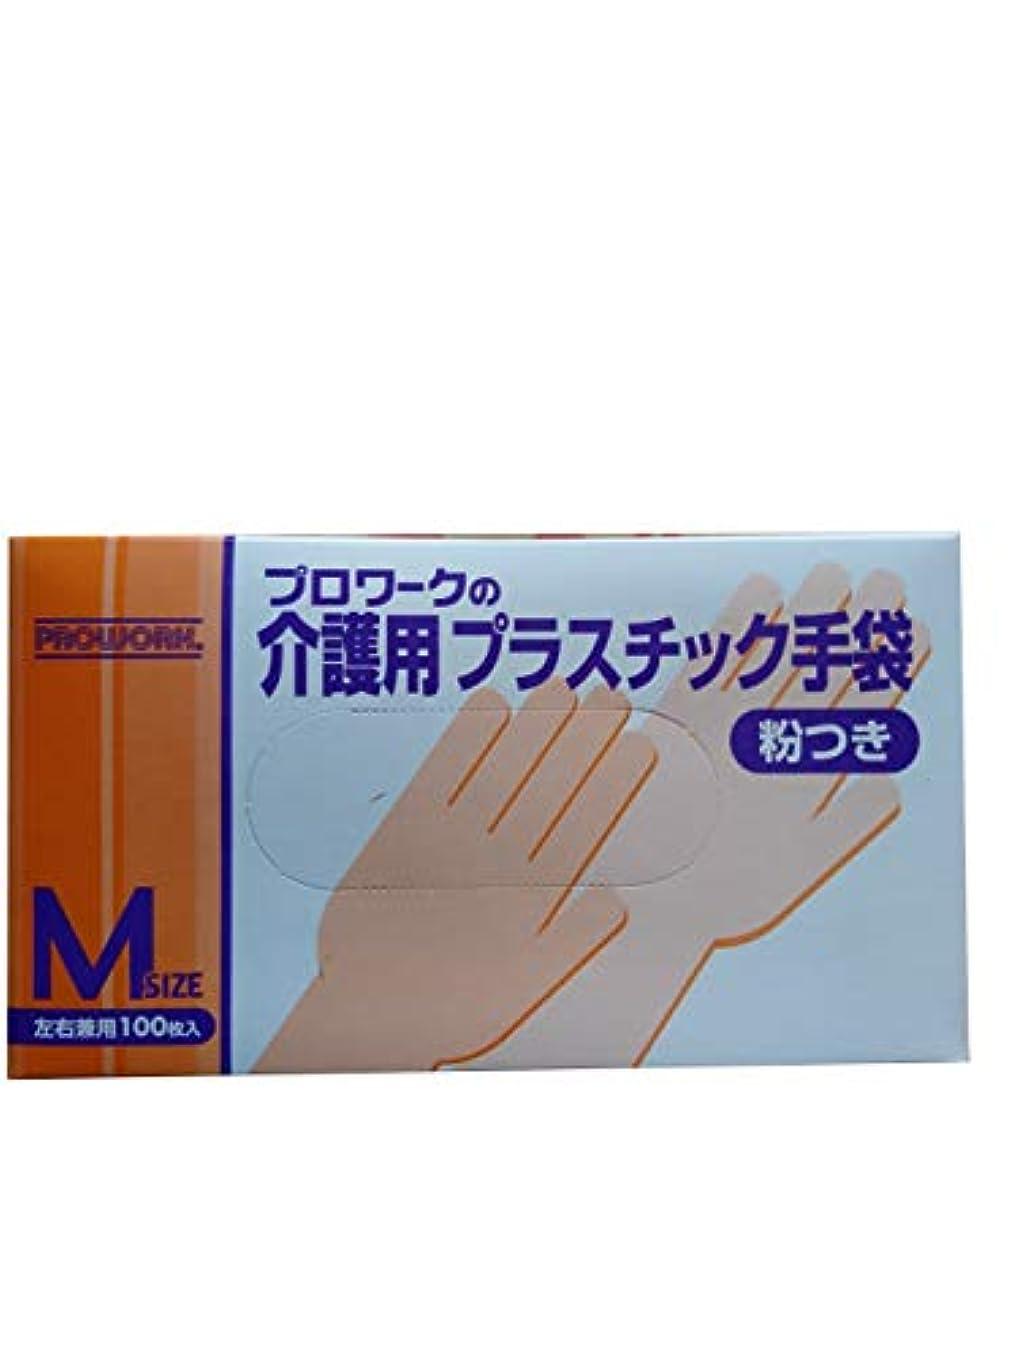 有彩色のカウンターパート大使館介護用プラスチック手袋 粉つき Mサイズ 左右兼用100枚入